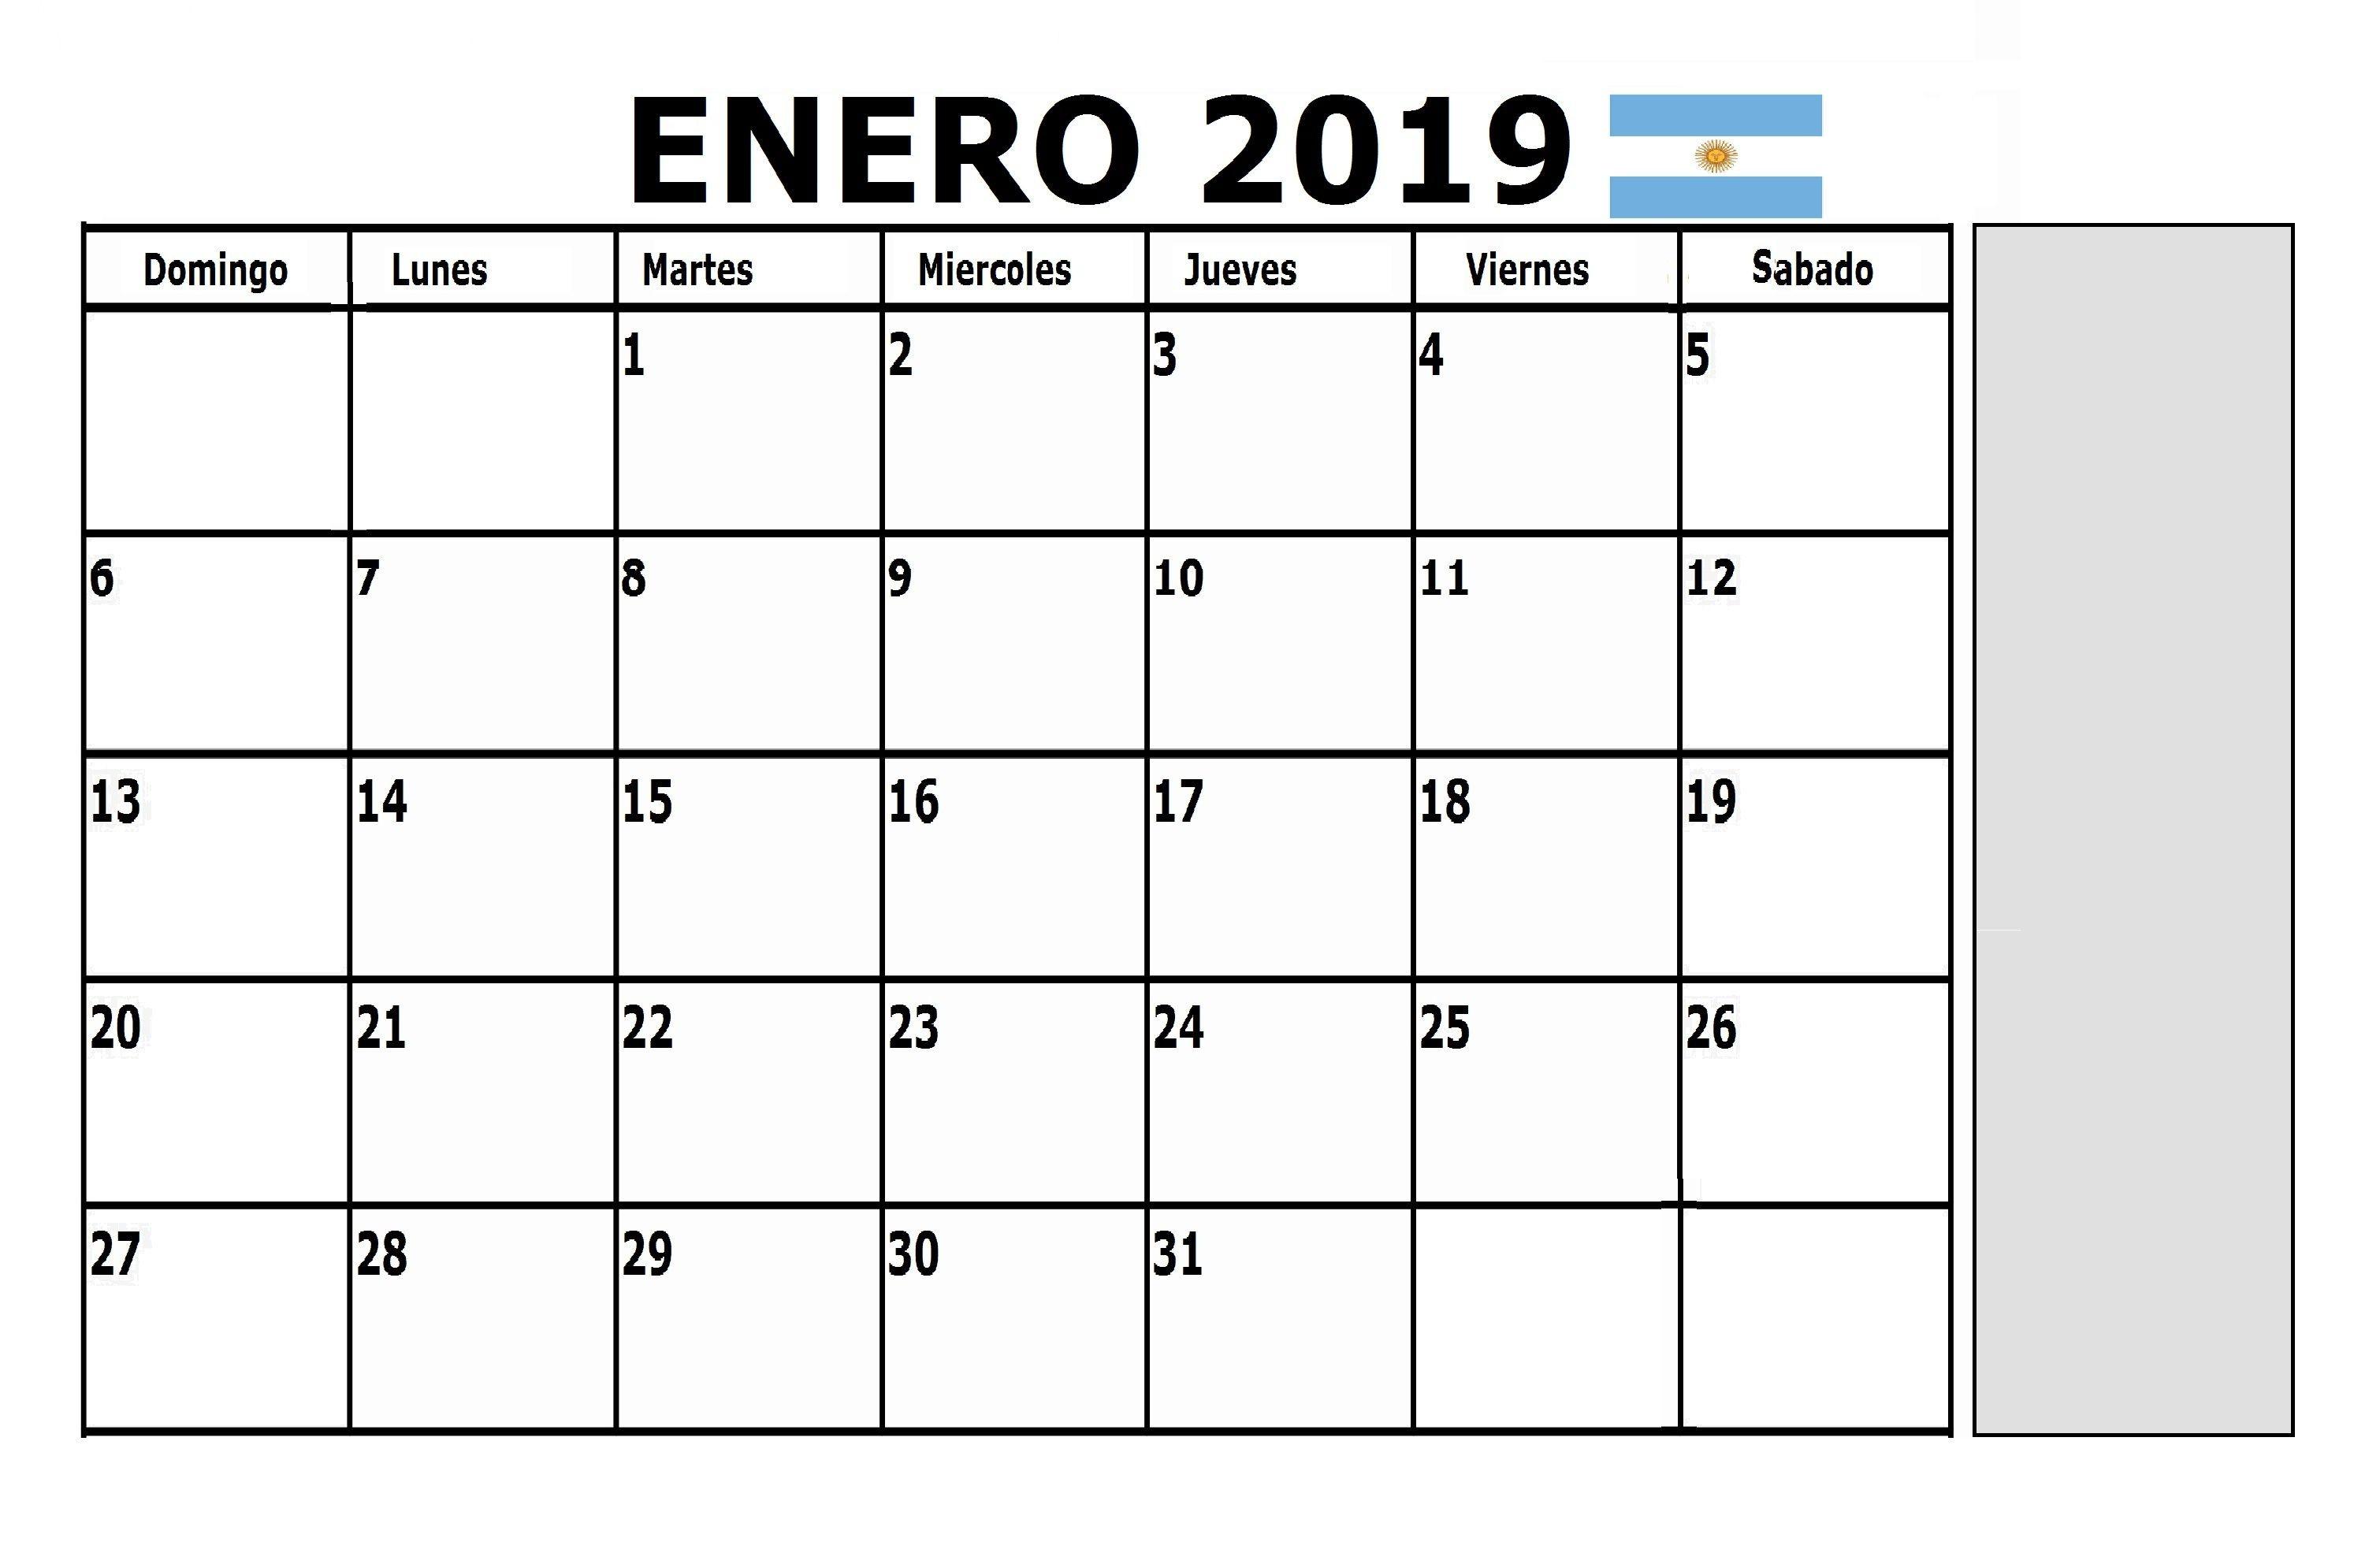 Imprimir Calendario 2019 Peru Mejores Y Más Novedosos Calendario Enero 2019 Argentina Of Imprimir Calendario 2019 Peru Más Actual Revista De Prensa